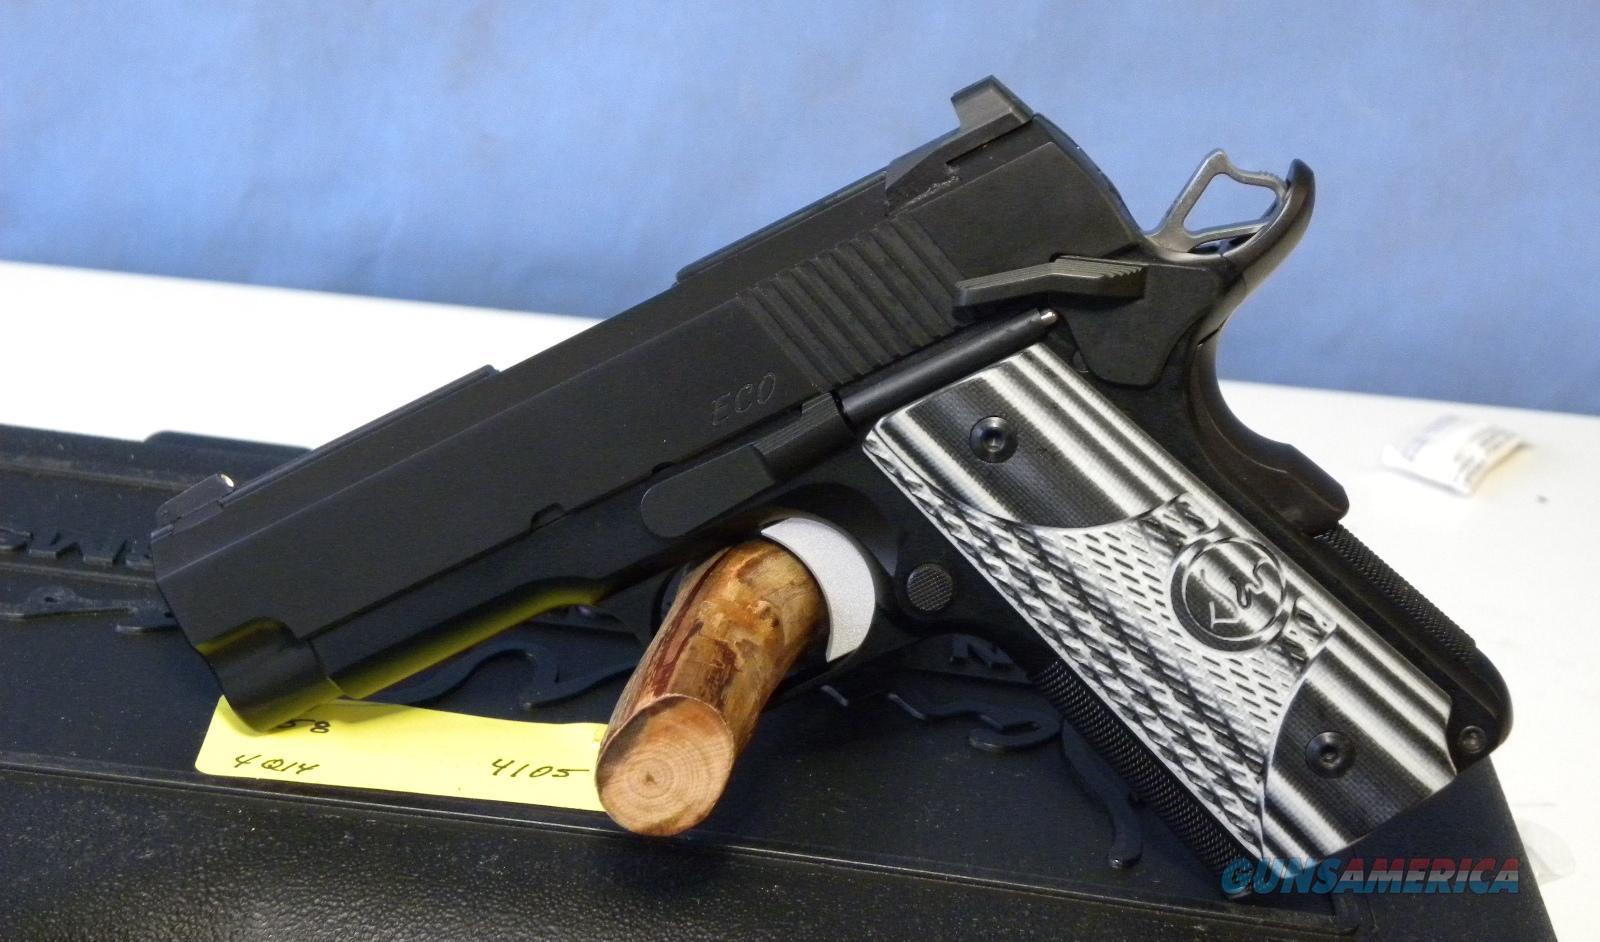 Dan Wesson ECO .45 ACP  Guns > Pistols > Dan Wesson Pistols/Revolvers > 1911 Style